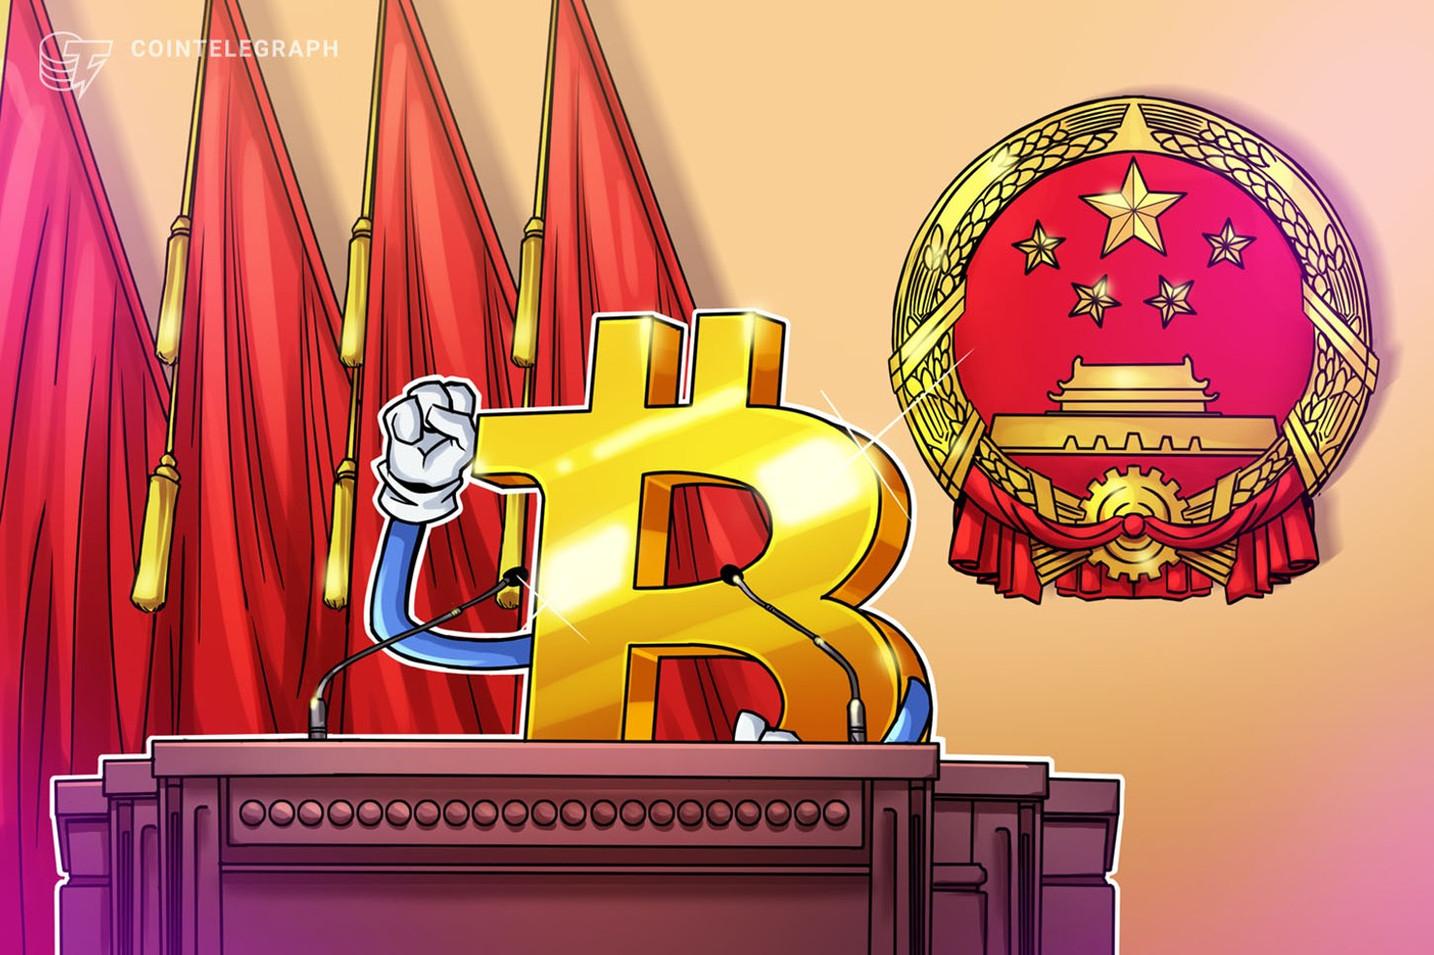 ビットコイン40%高騰は「小さな波」に過ぎない!?中国の巨額投資ファンド日本代表「真の相場はこれから」と予想【仮想通貨相場】